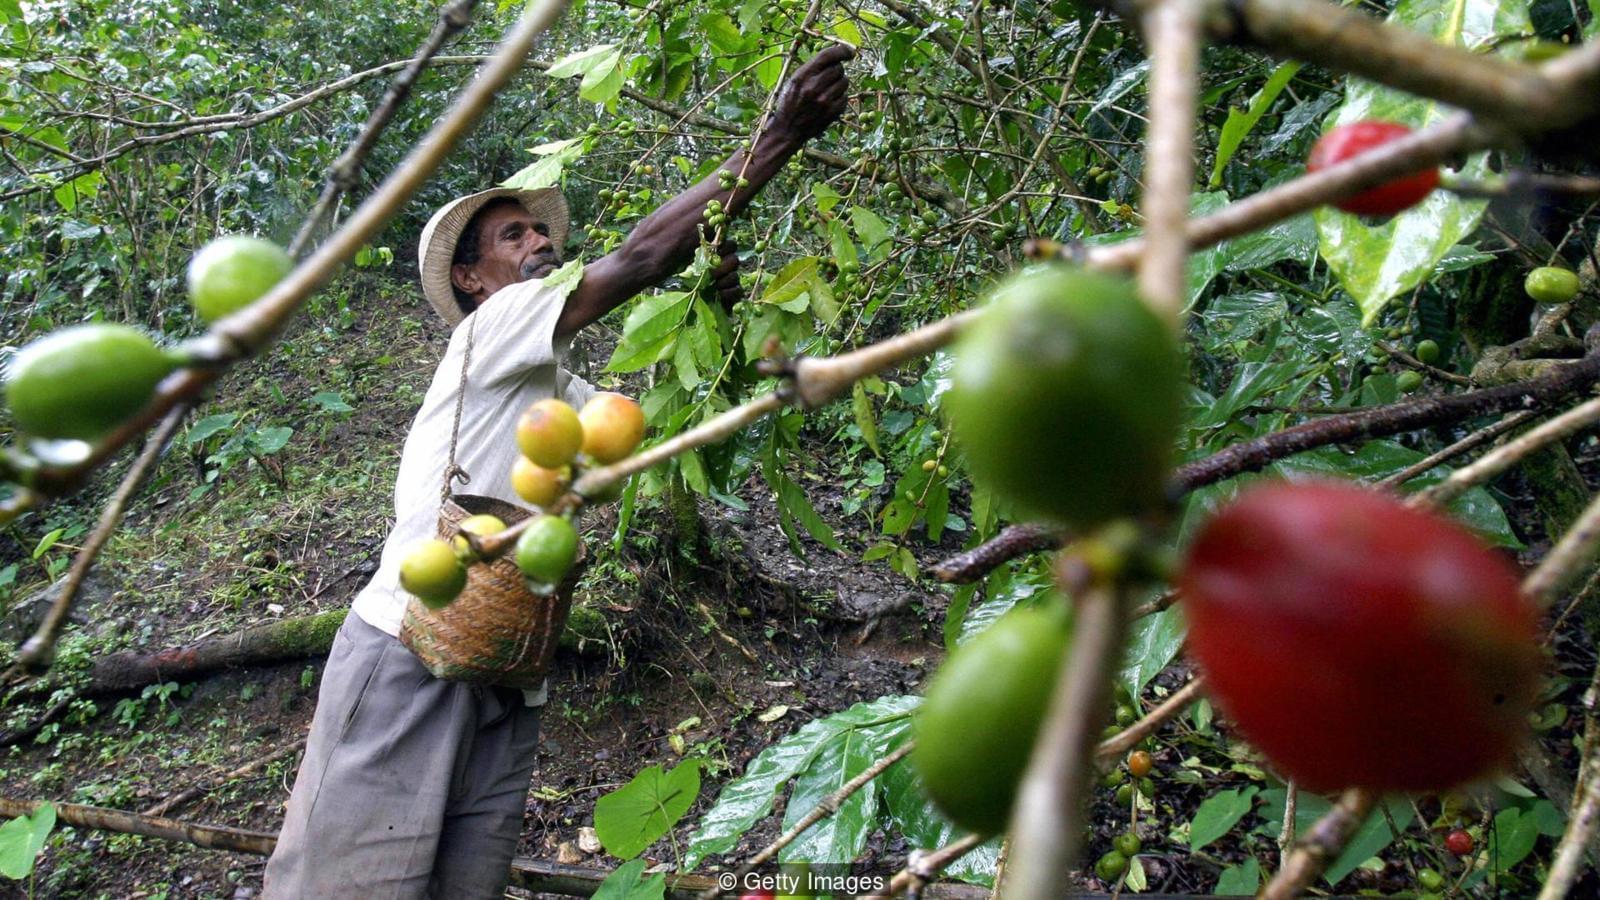 树叶变黄 能力失效:科学家在竭力对抗一种咖啡疾病